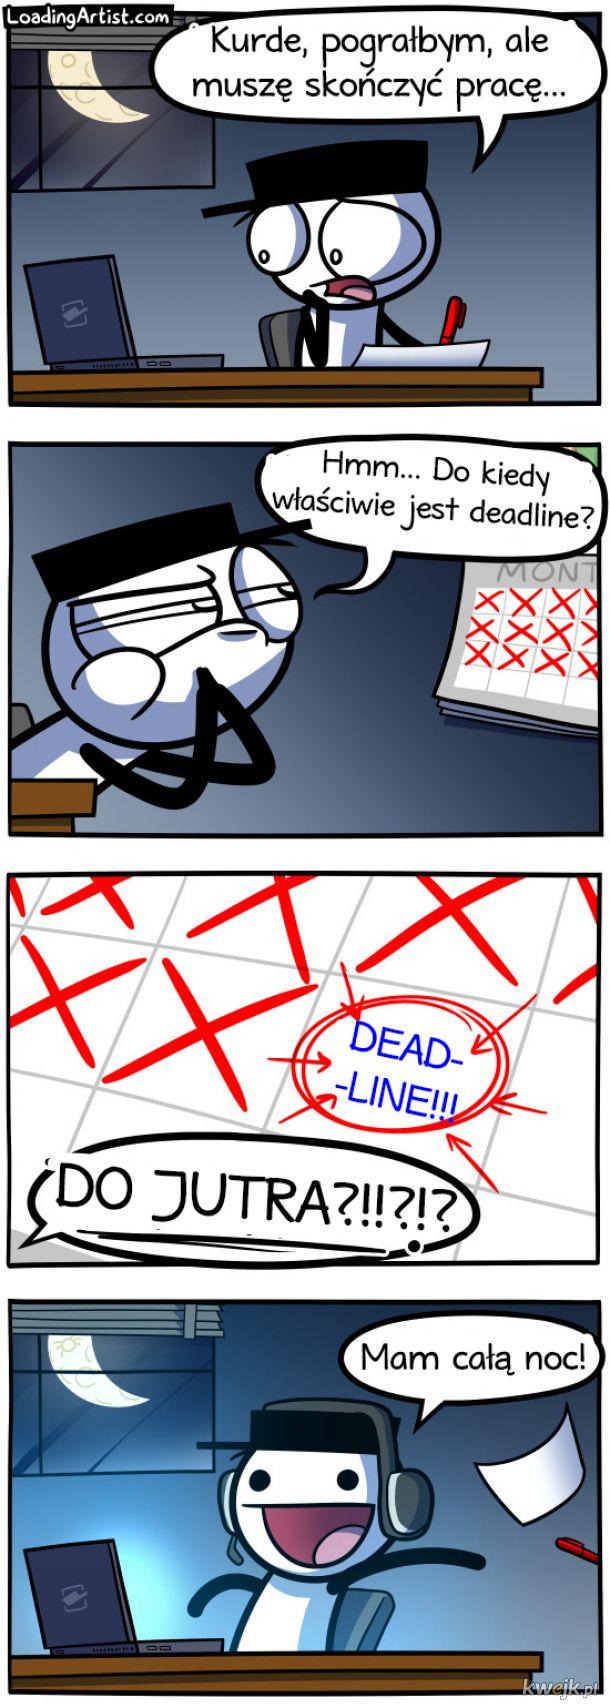 Komiksy Loading Artist dla fanów nieco abstrakcyjnego humoru